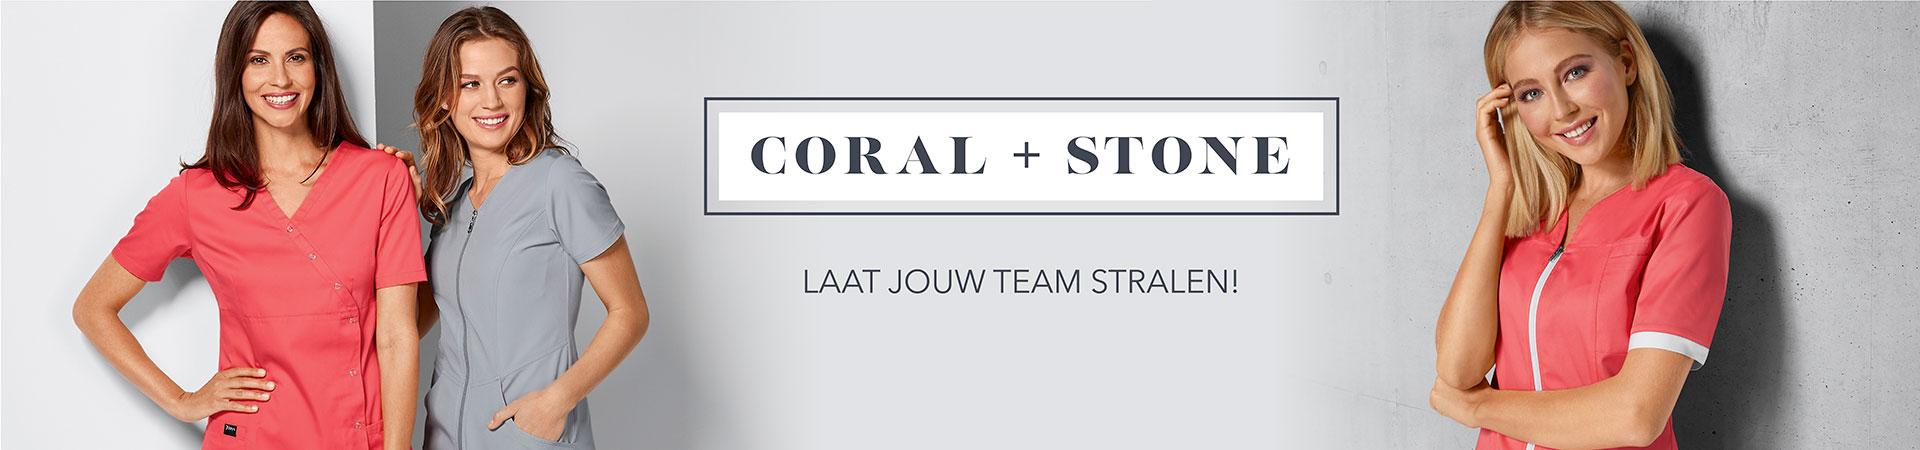 Beroepskledij coral + stone